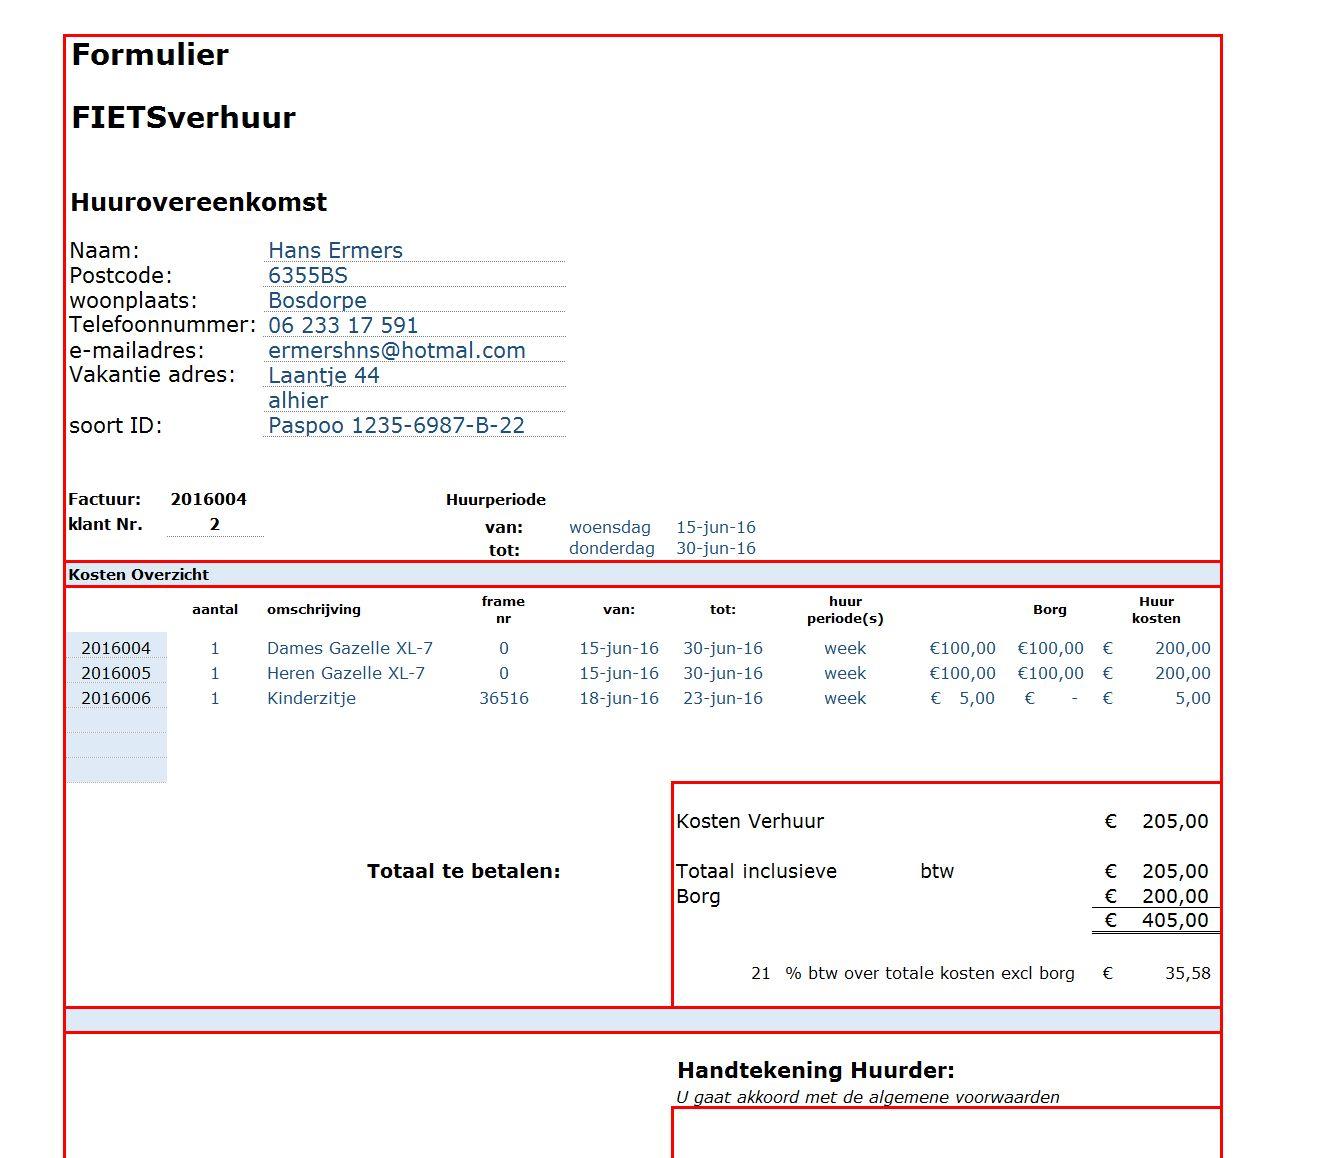 verhuur voorbeelden   excel spreadsheet.nl